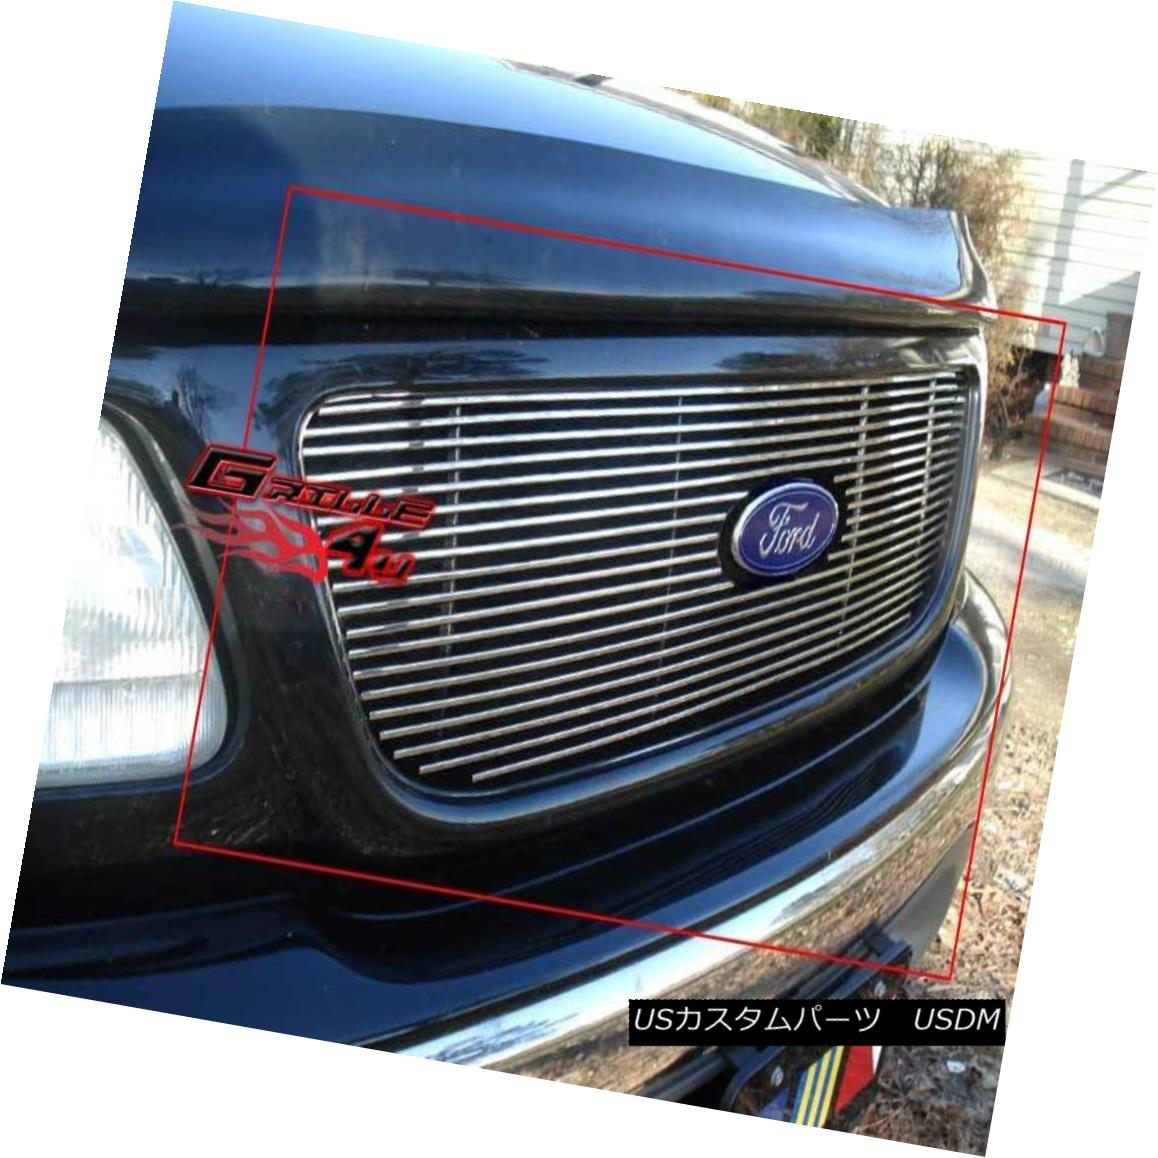 グリル Fits 1999-2003 Ford F150/Lightning/Harley Davidson Billet Grille 1999-2003 Ford F150 / Lightning / Harley Davidson Billet Grilleに適合